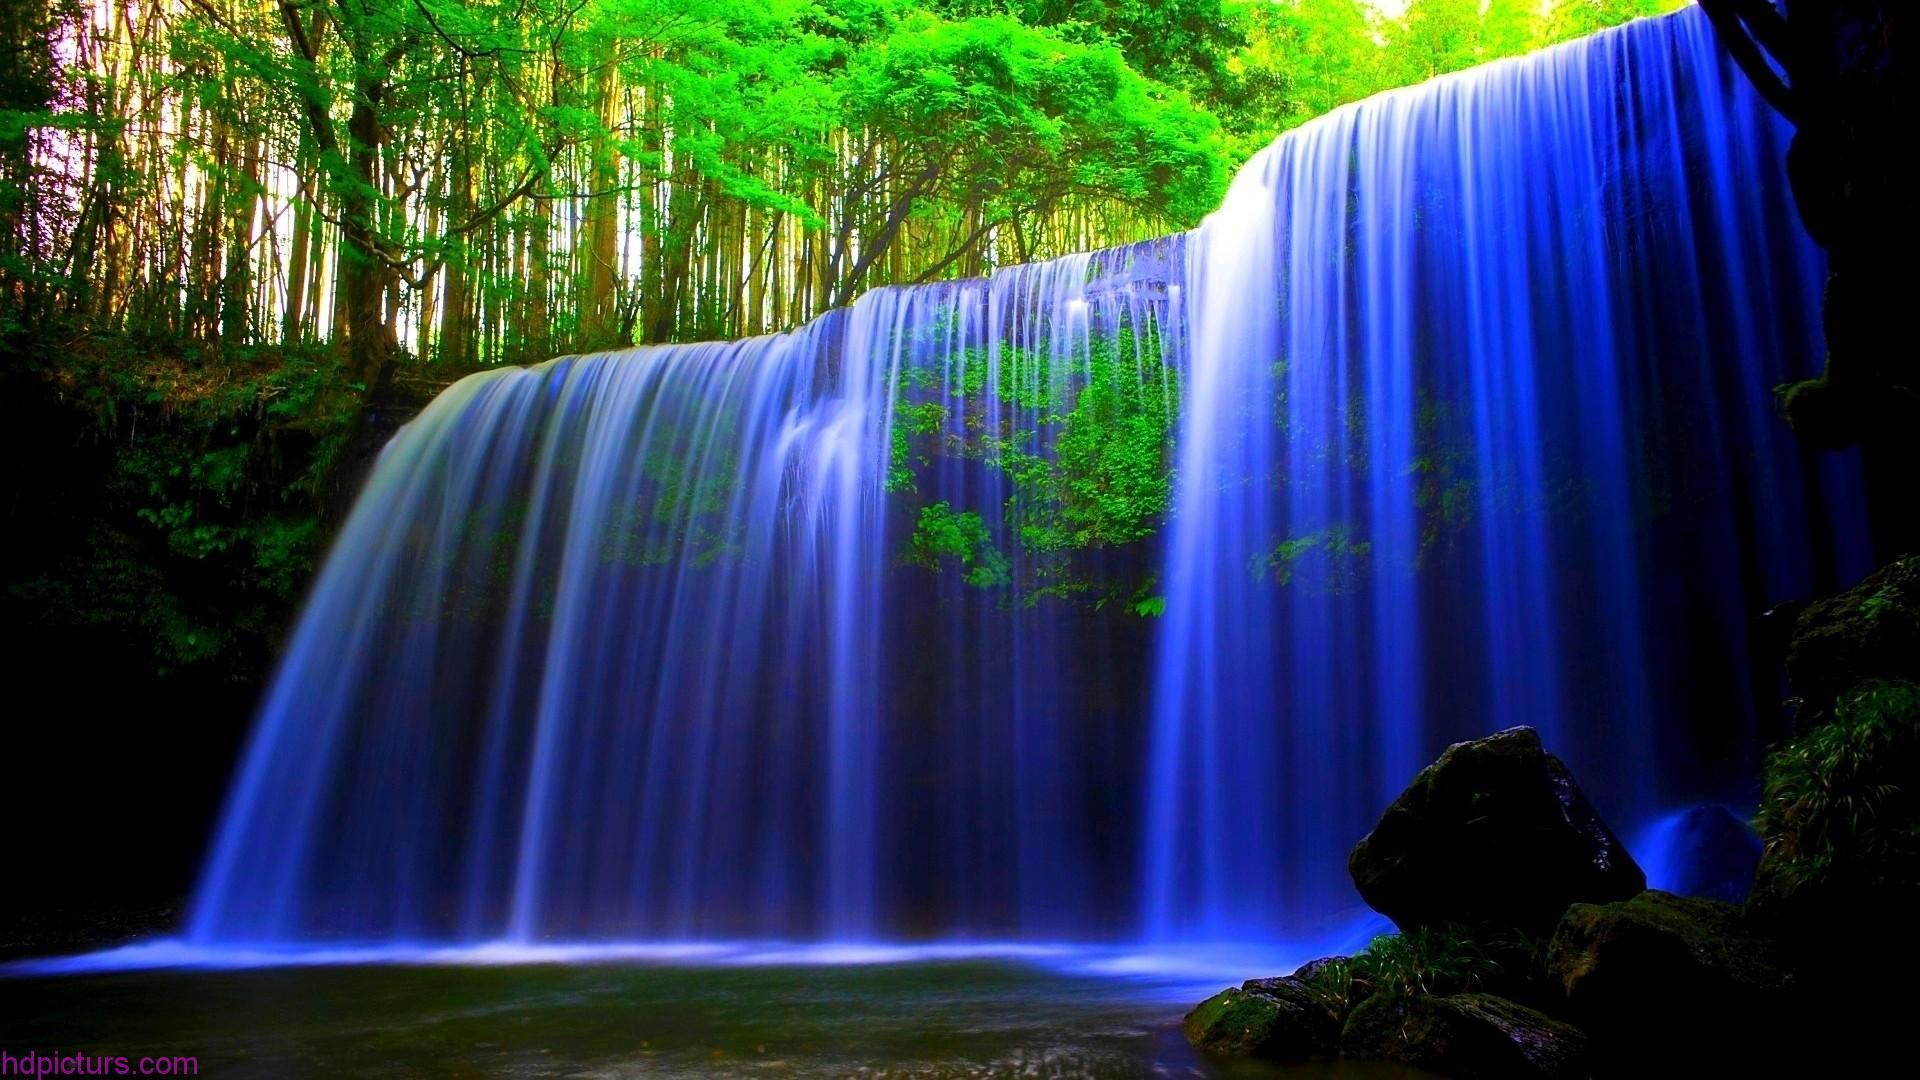 بالصور صور طبيعة جميلة , اروع صور من الطبيعه 9287 2